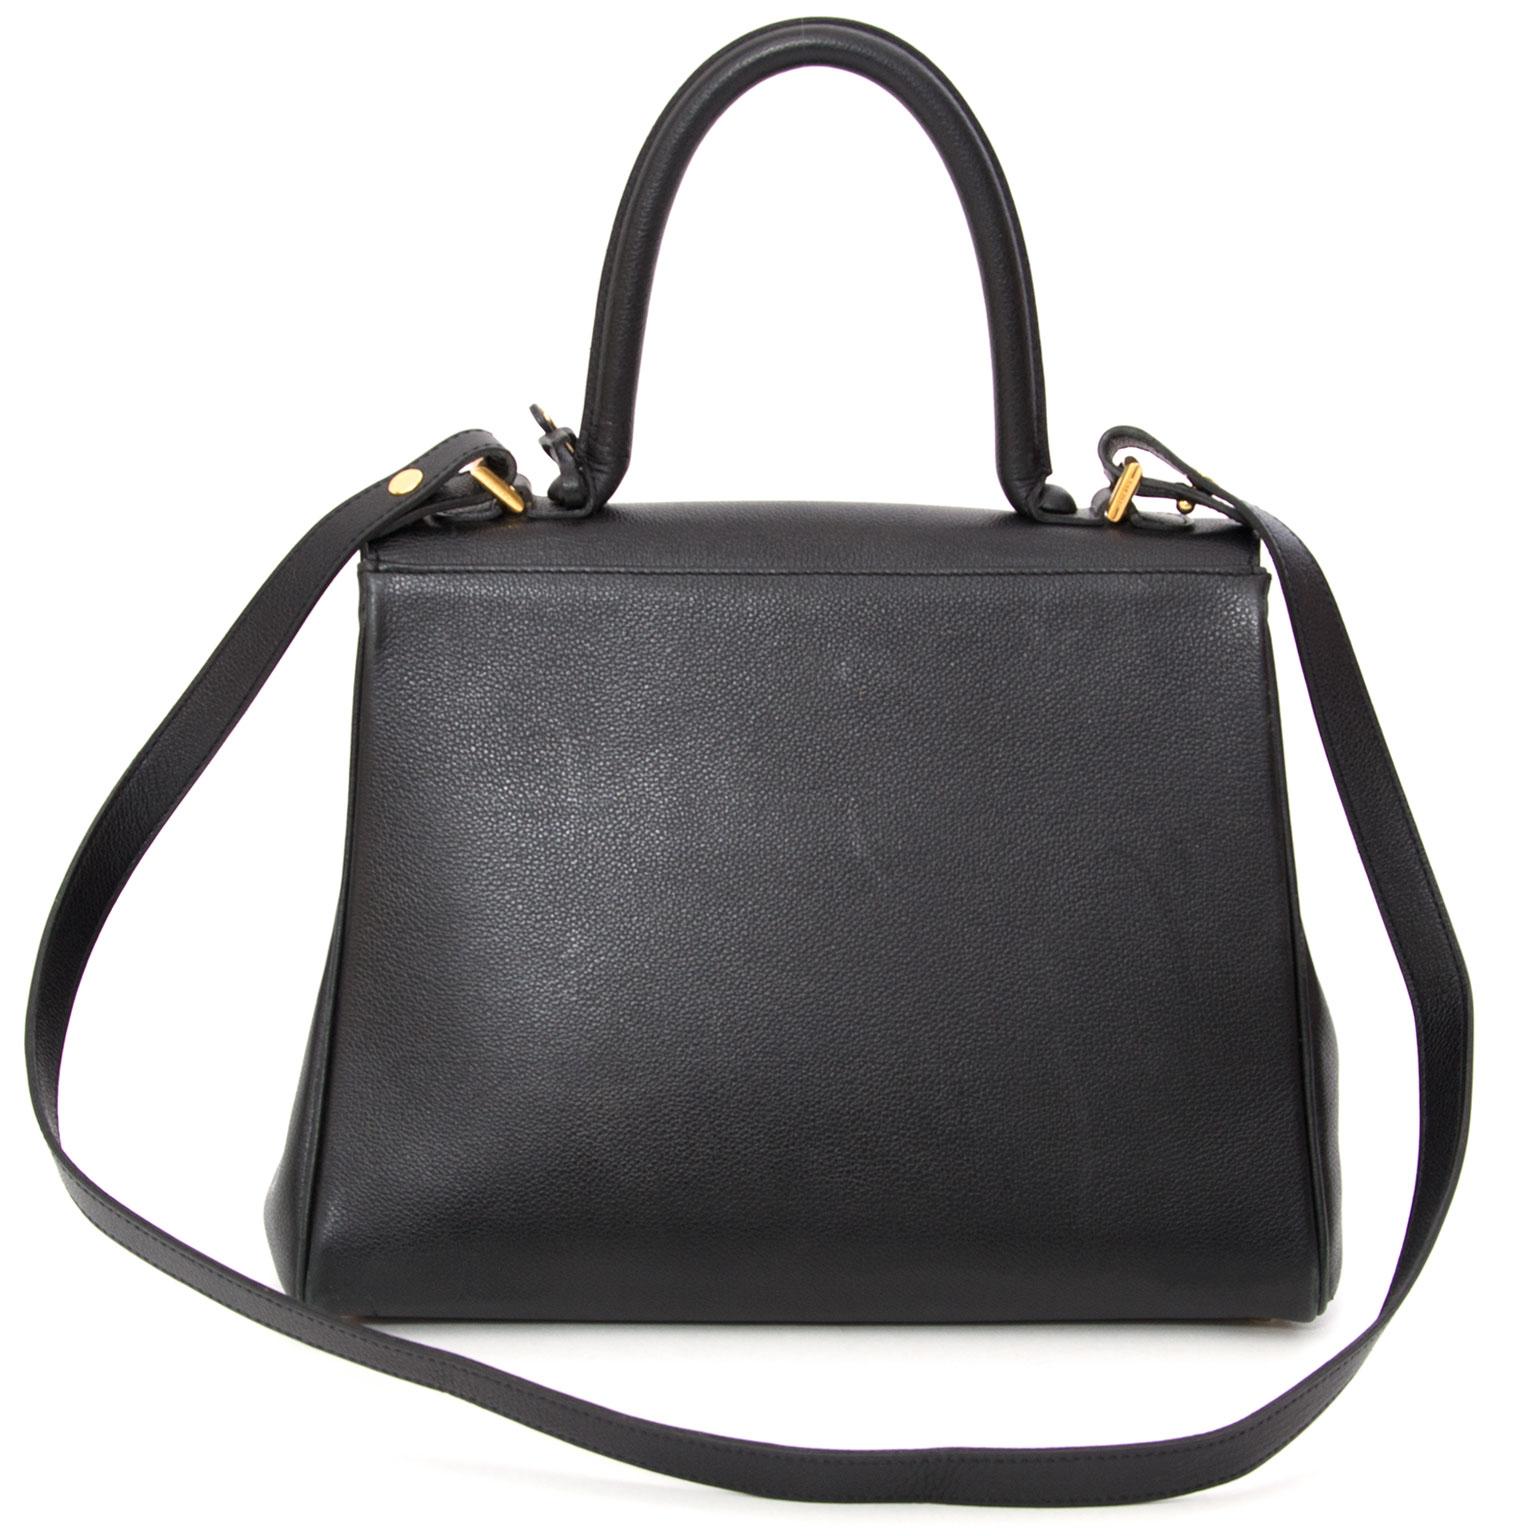 Delvaux Black Brillant MM + STRAP achetez en ligne online vintage seconde main delvaux